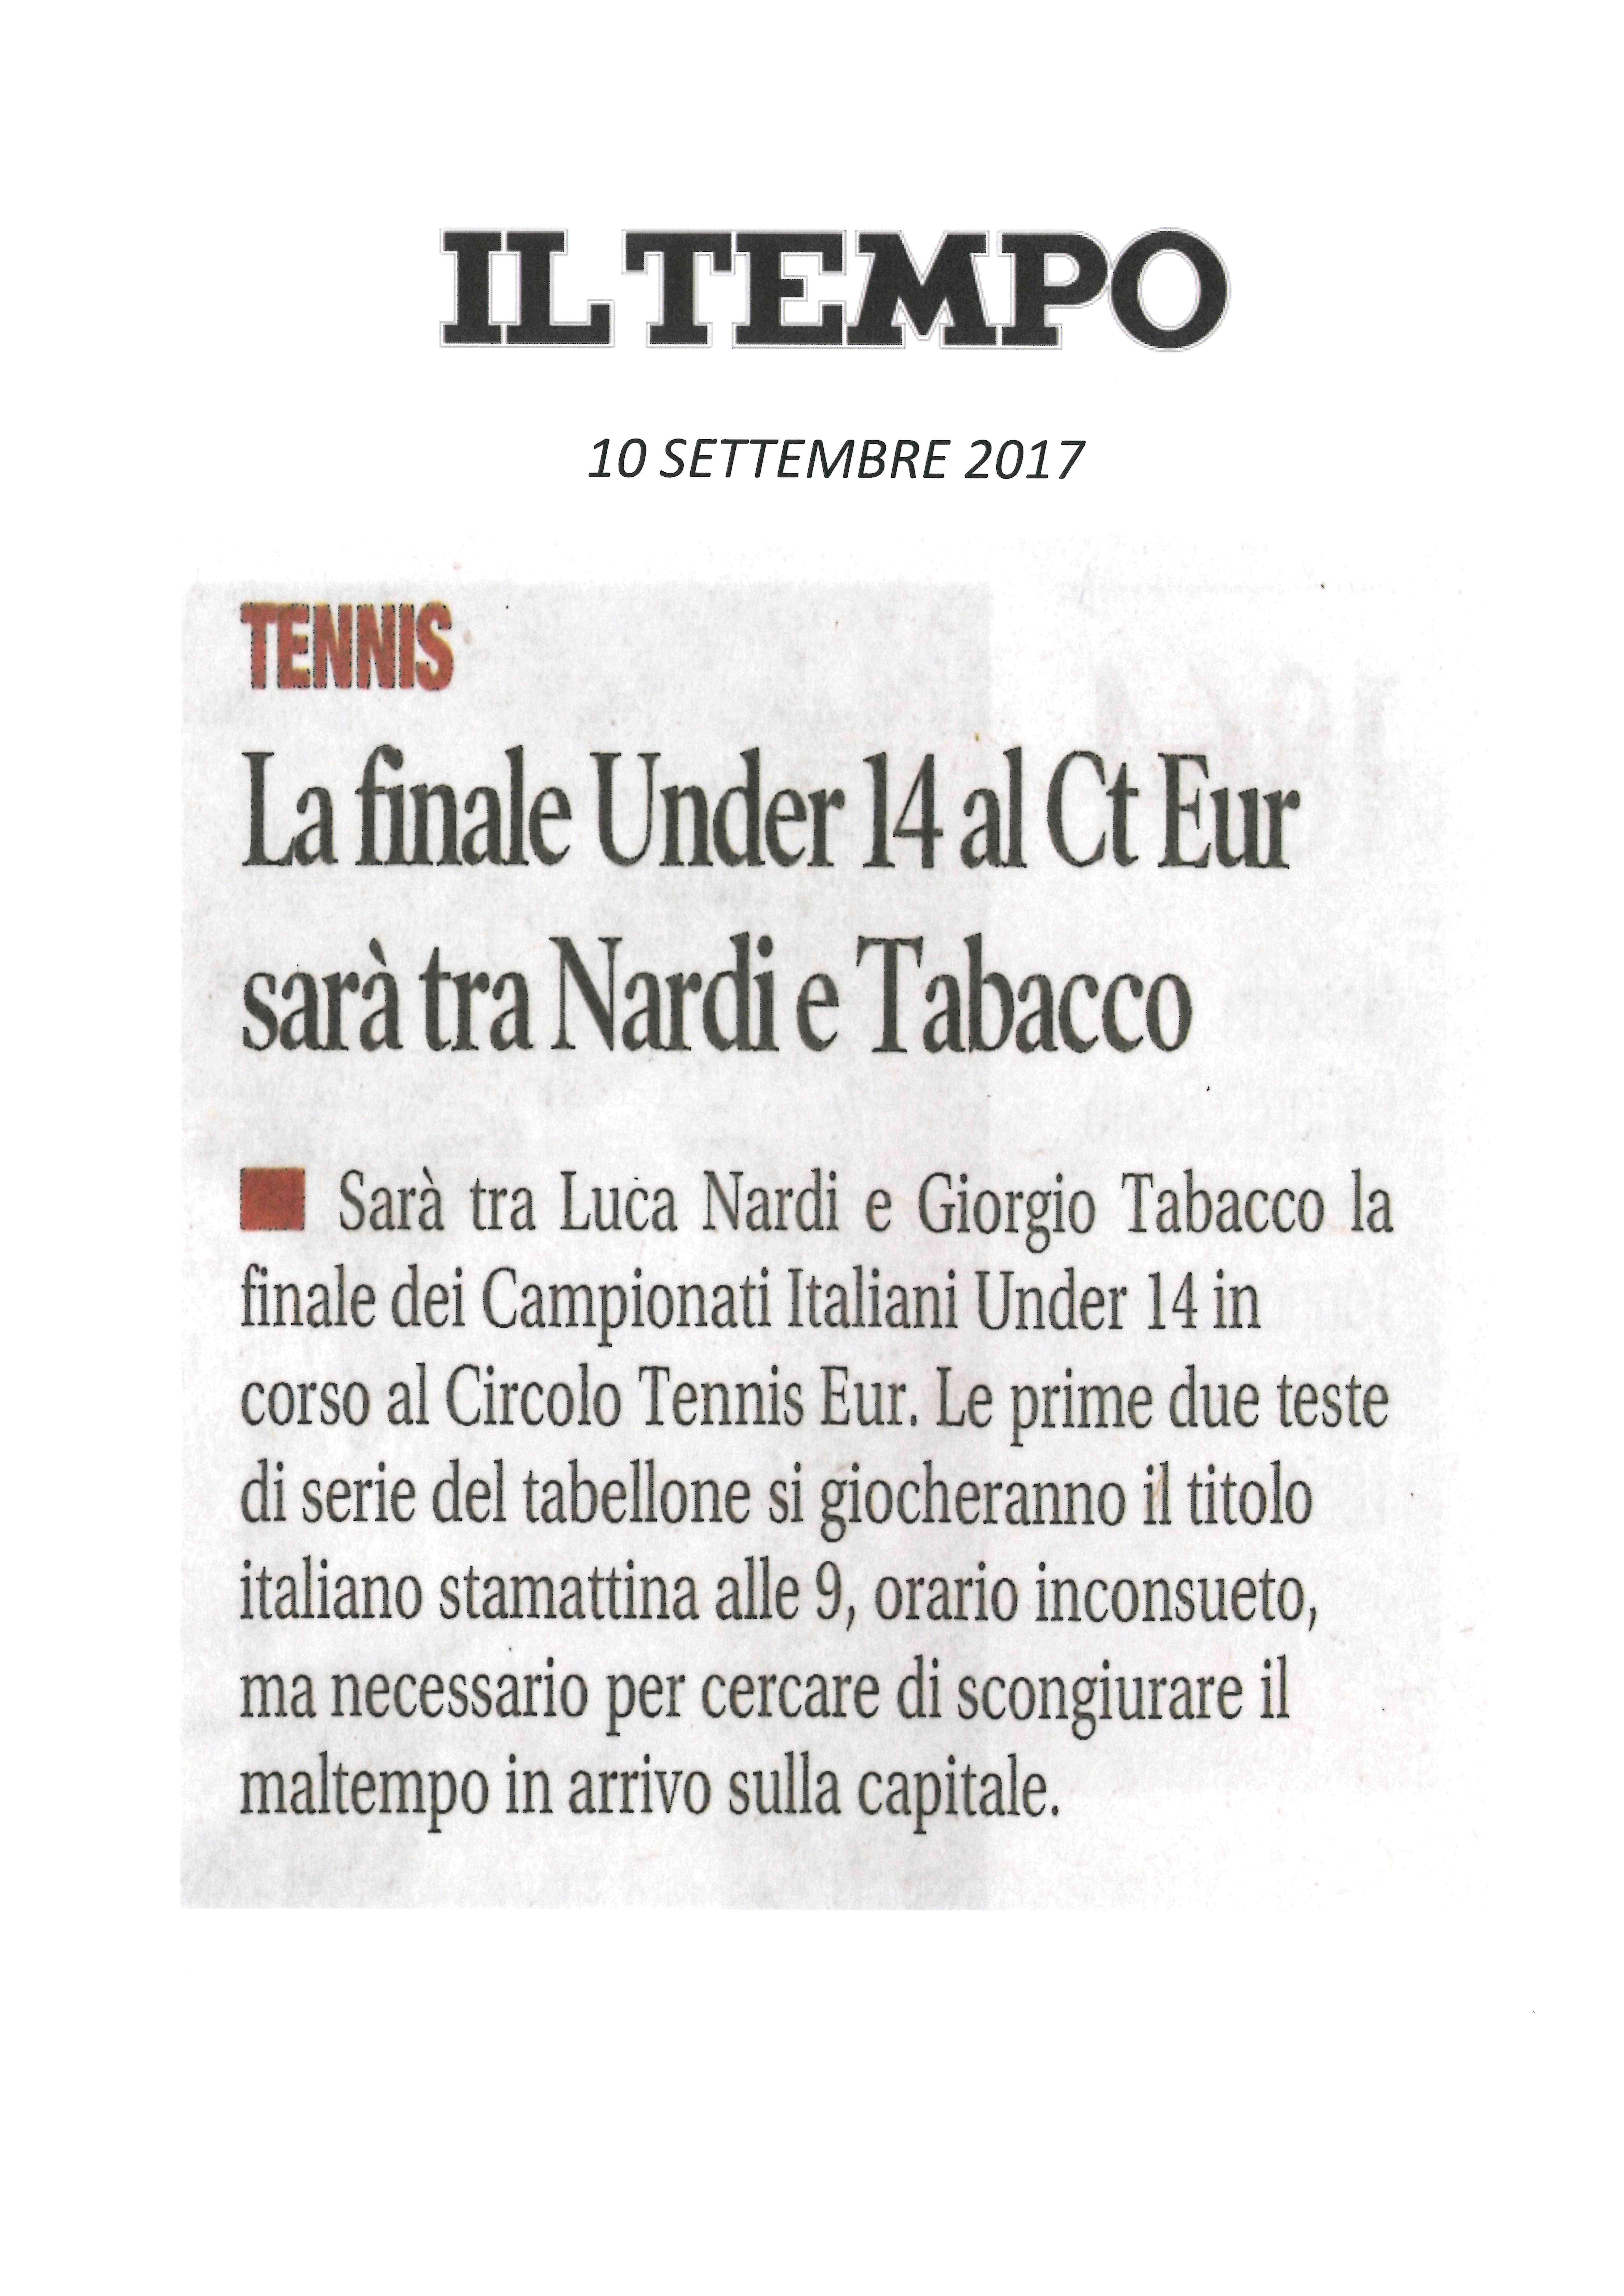 IL TEMPO 10 settembre 2017